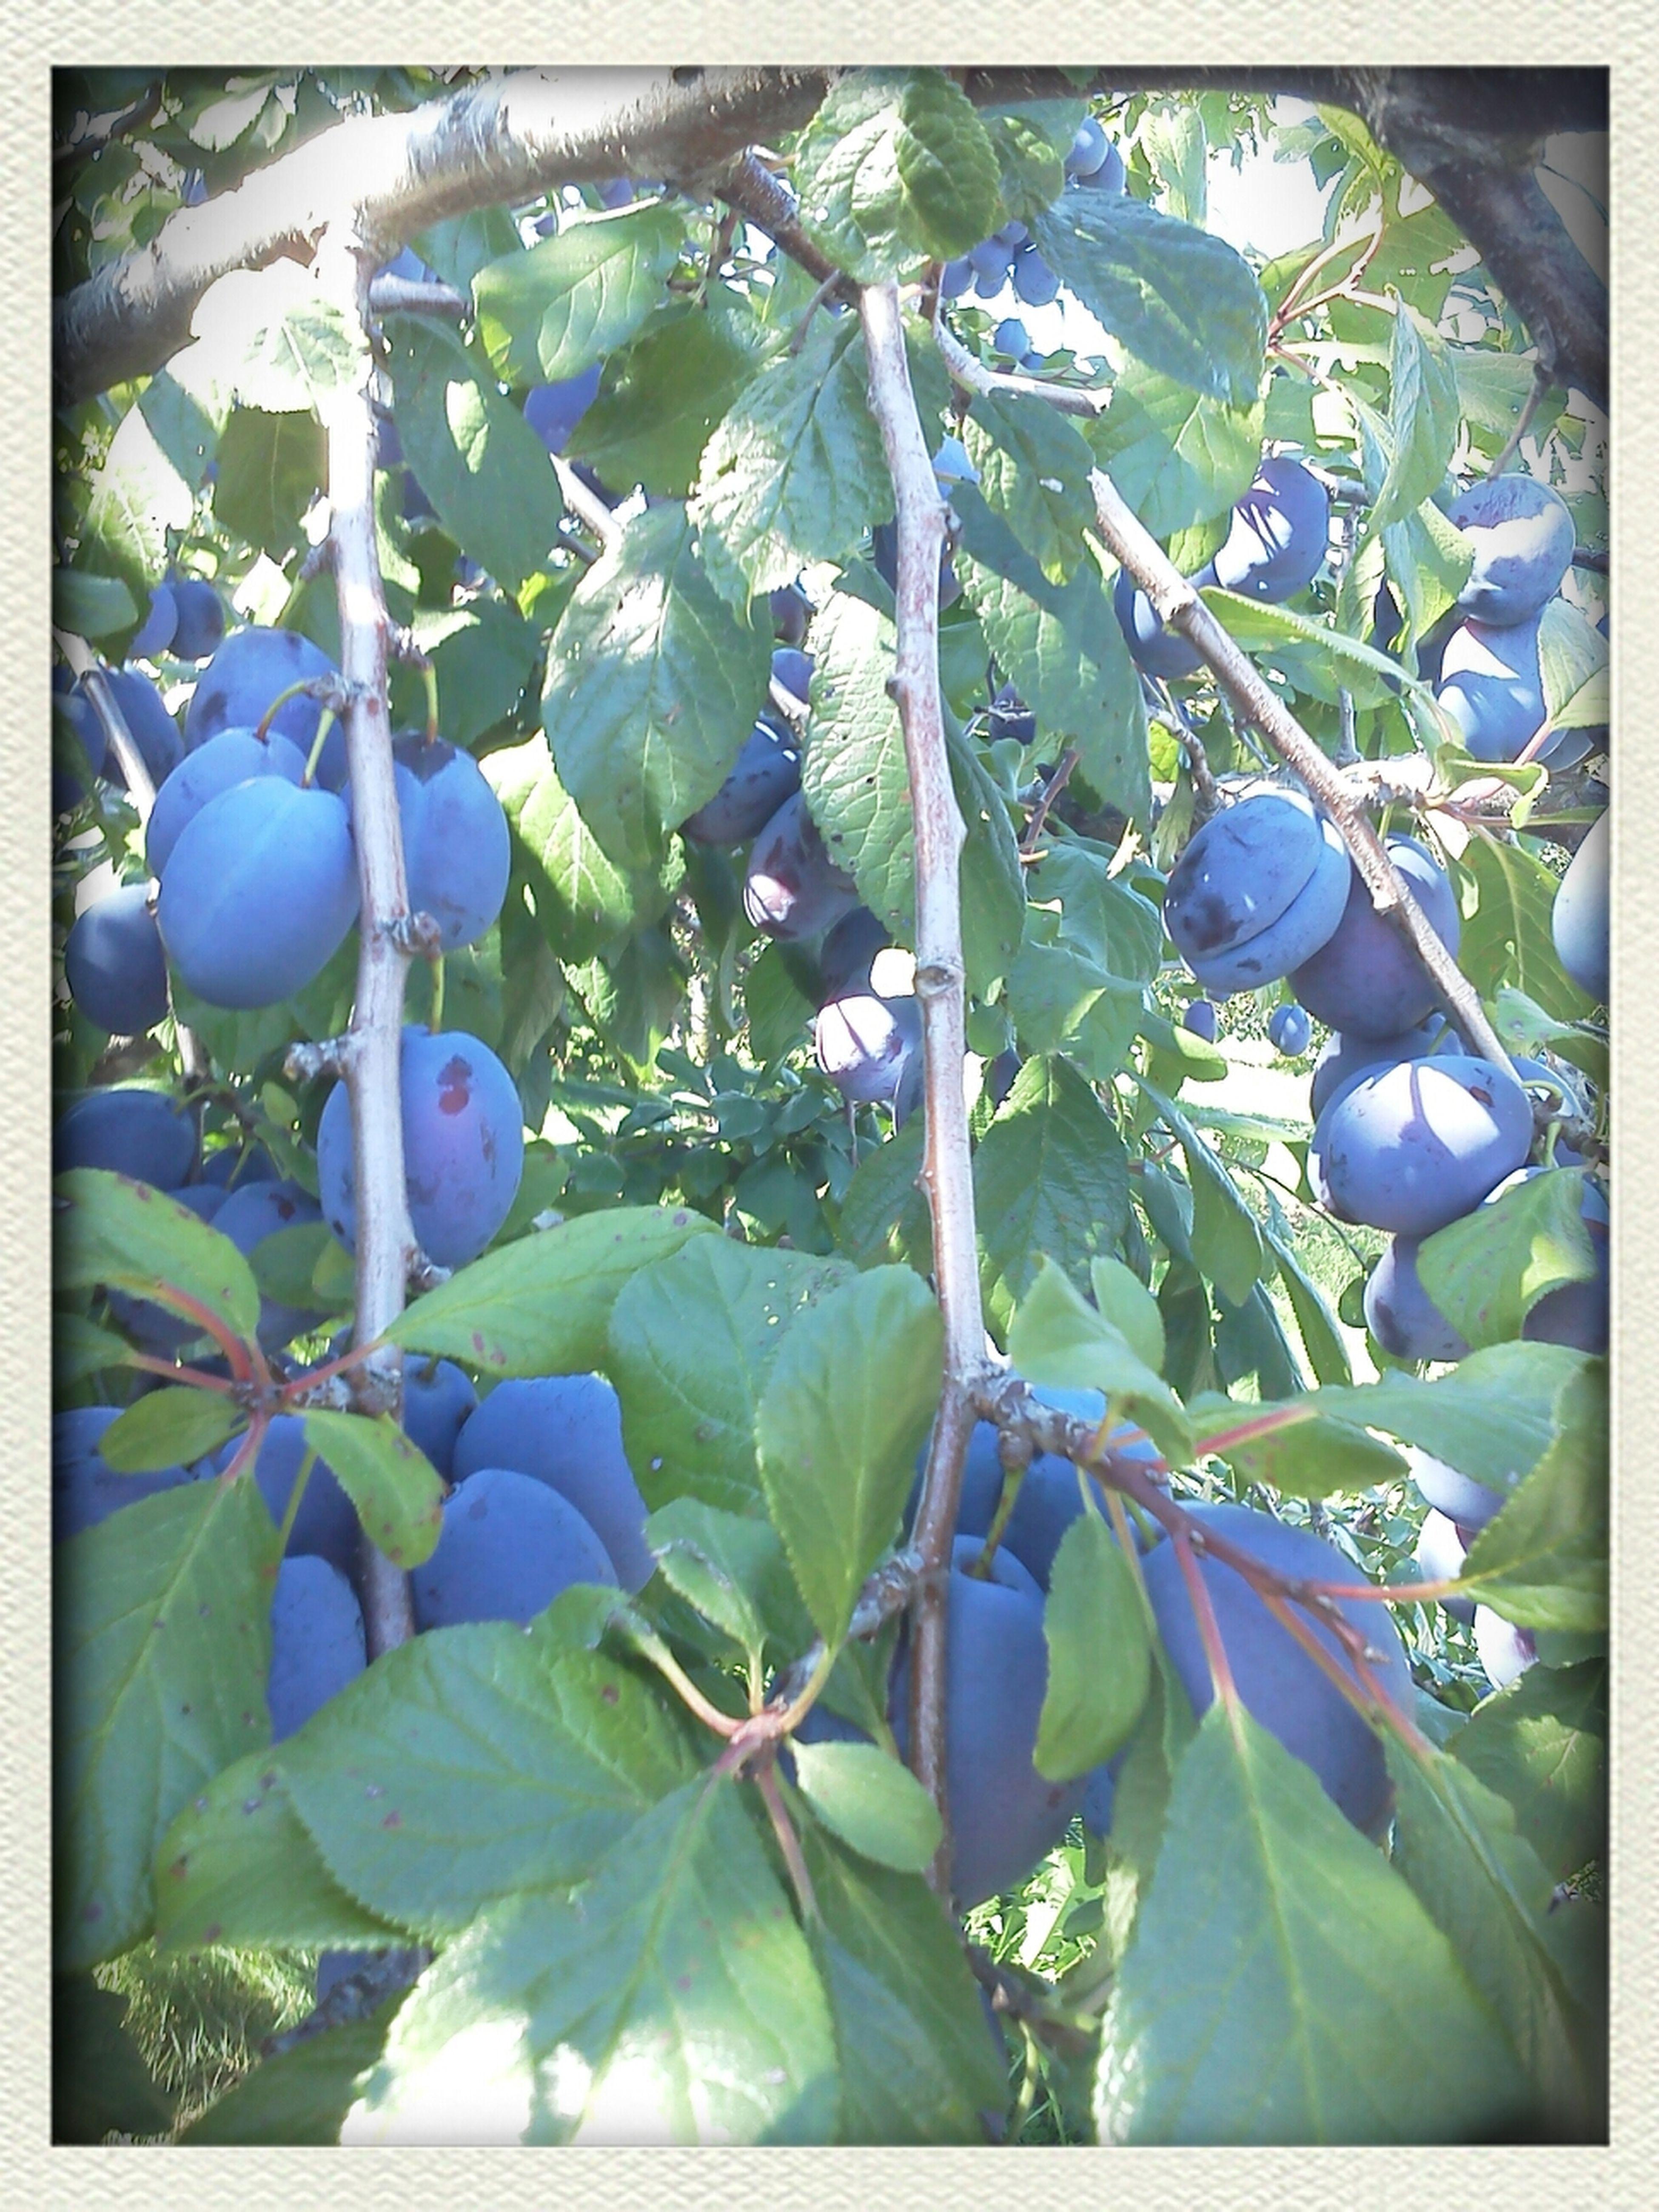 plums <3 Plums plums